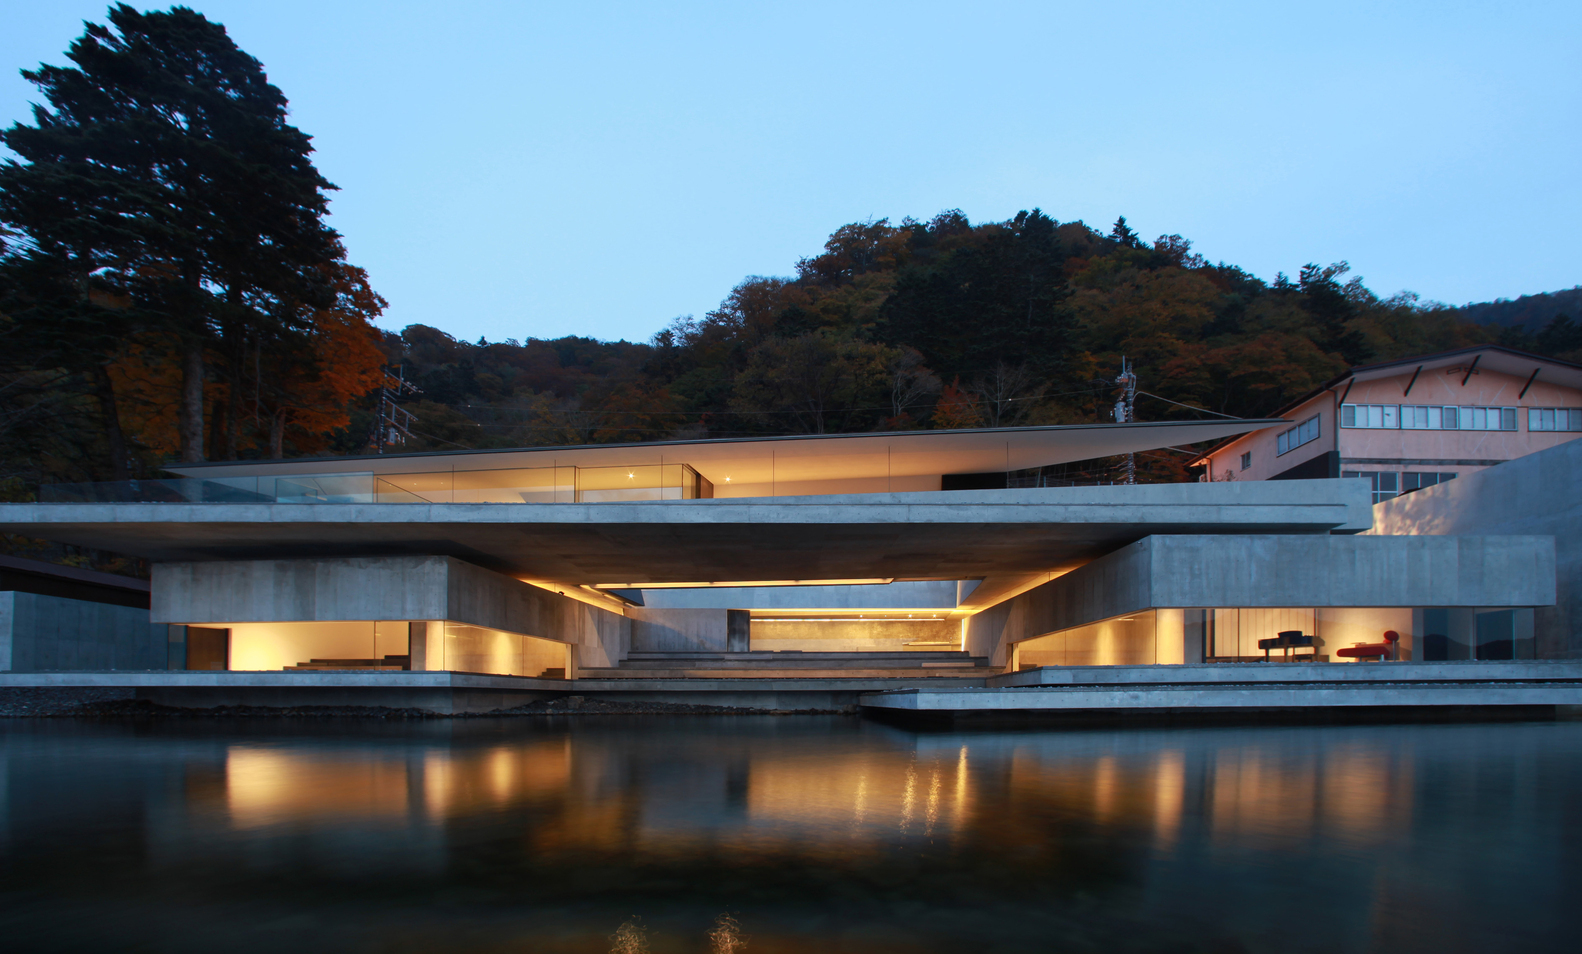 Os melhores projetos de arquitetura de 2020,© Gankosha, Harunori Noda